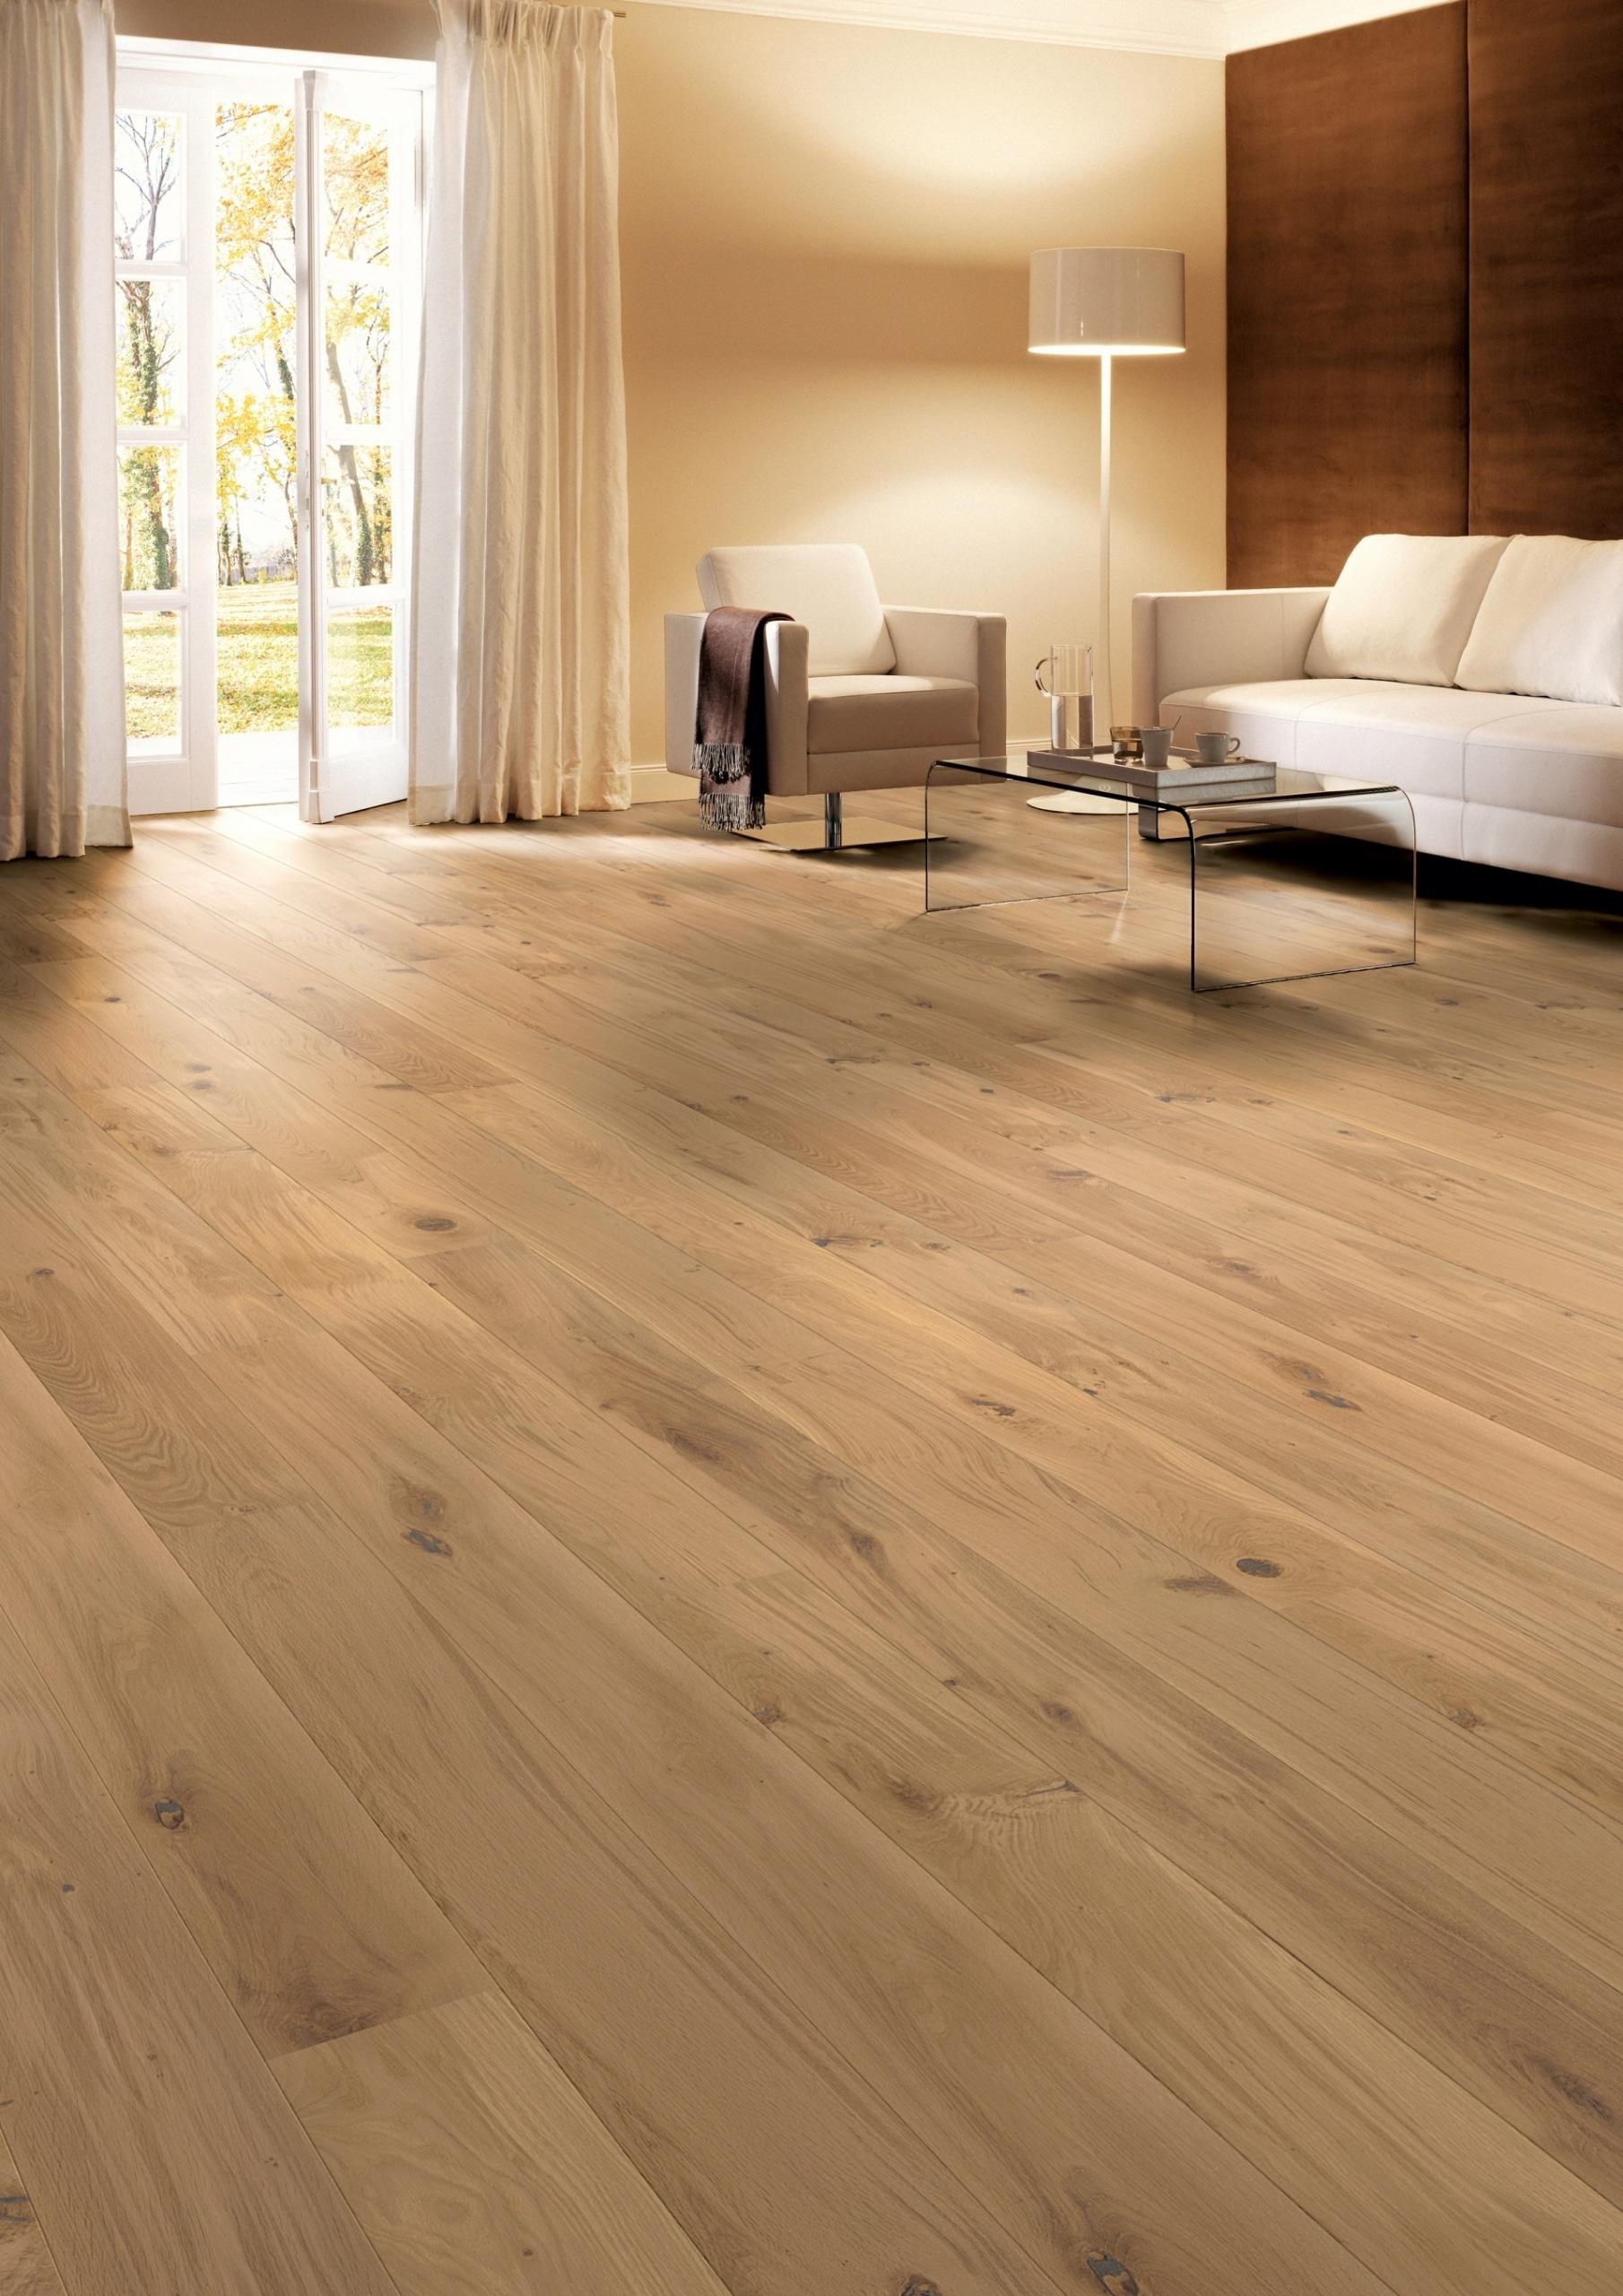 Wohnzimmer Boden aus Eiche Farbe Creme